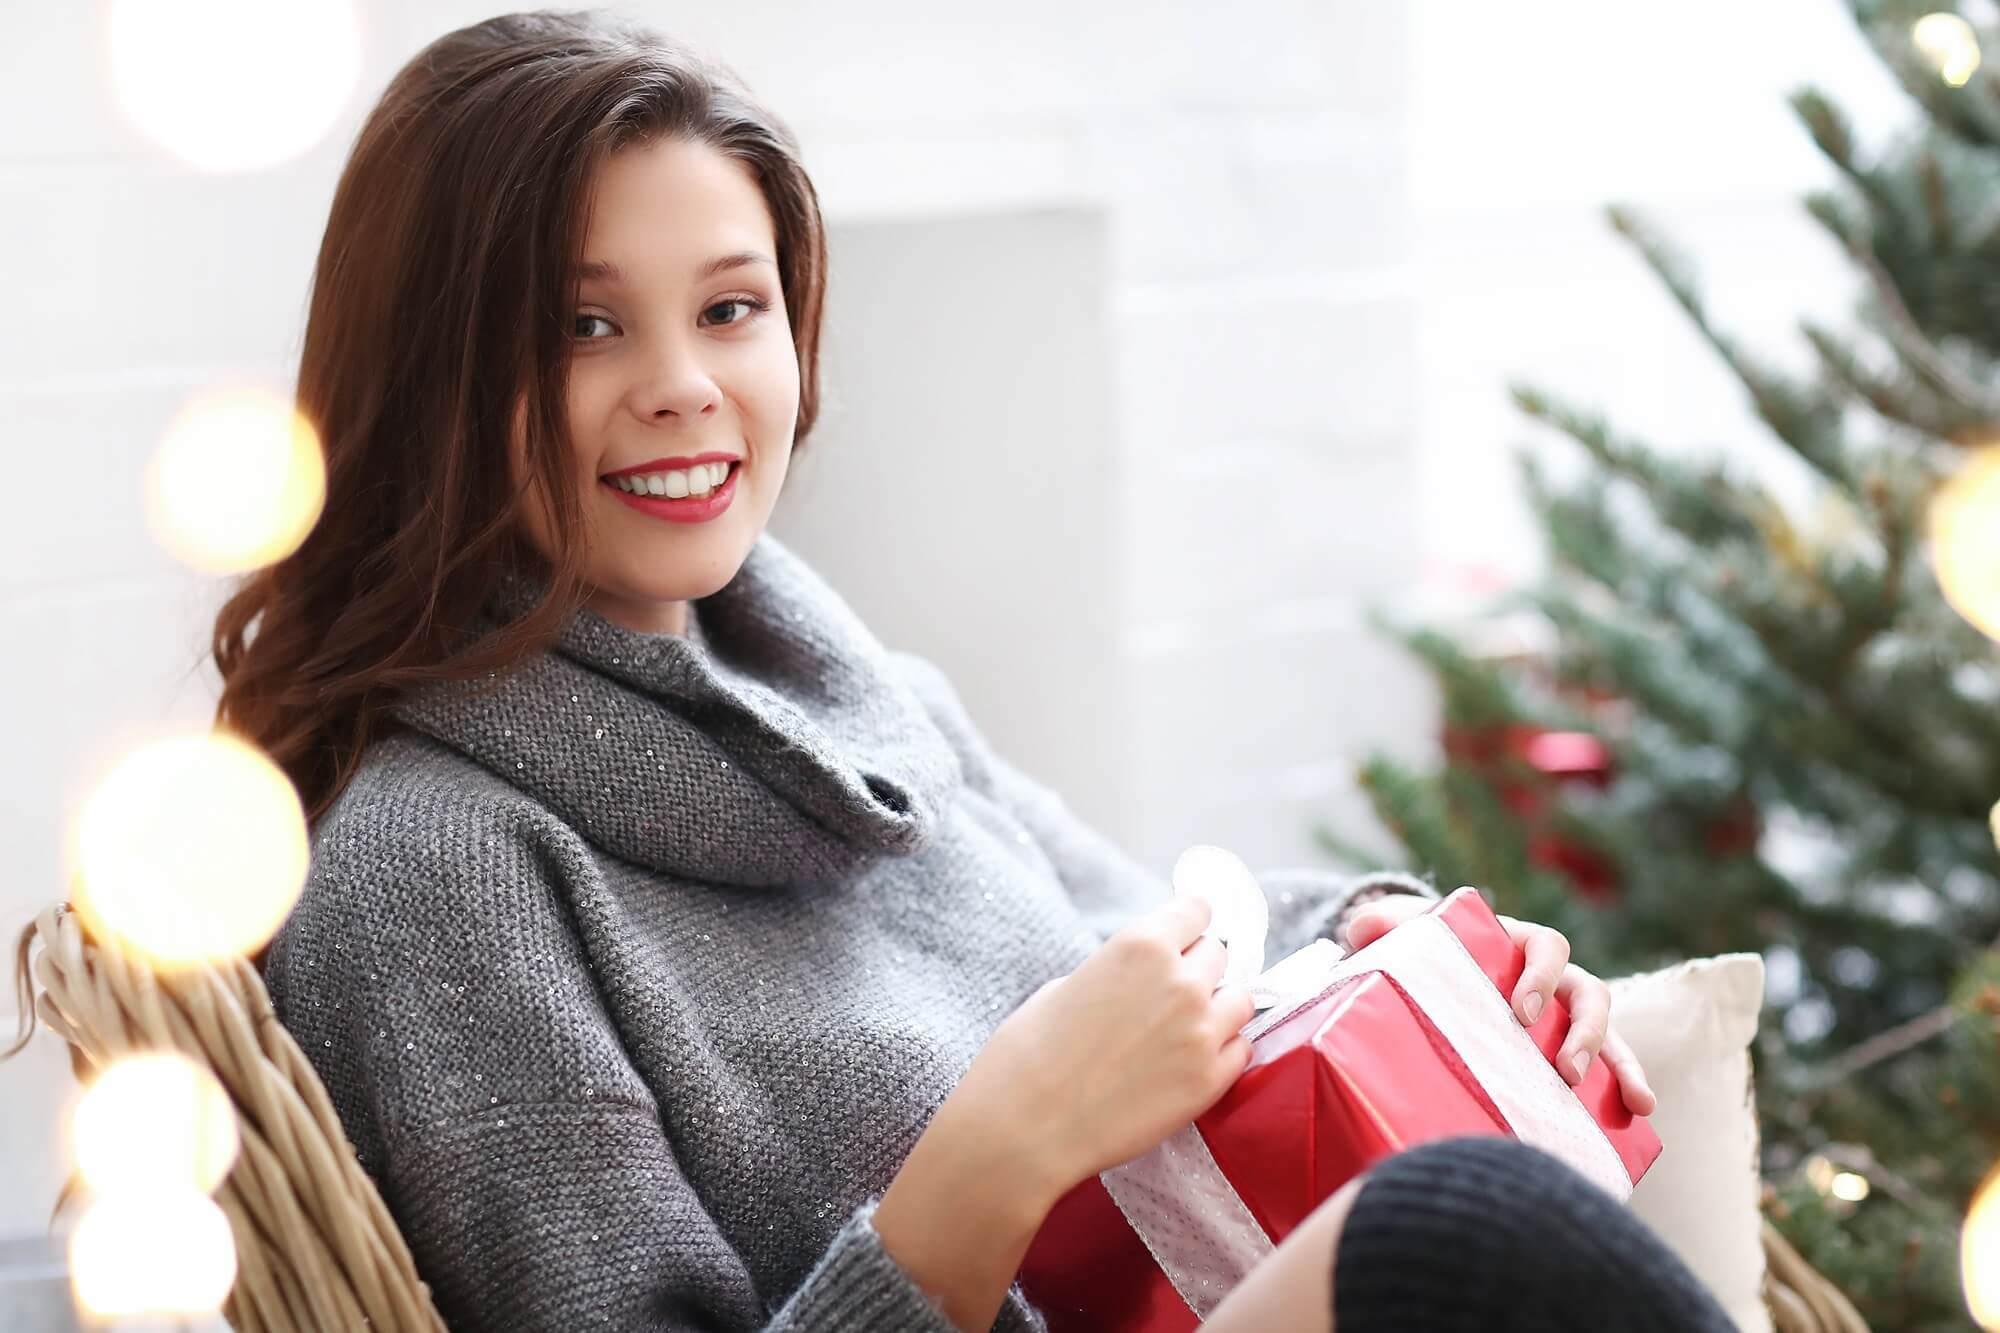 młoda dziewczyna rozpakowuje świąteczny prezent